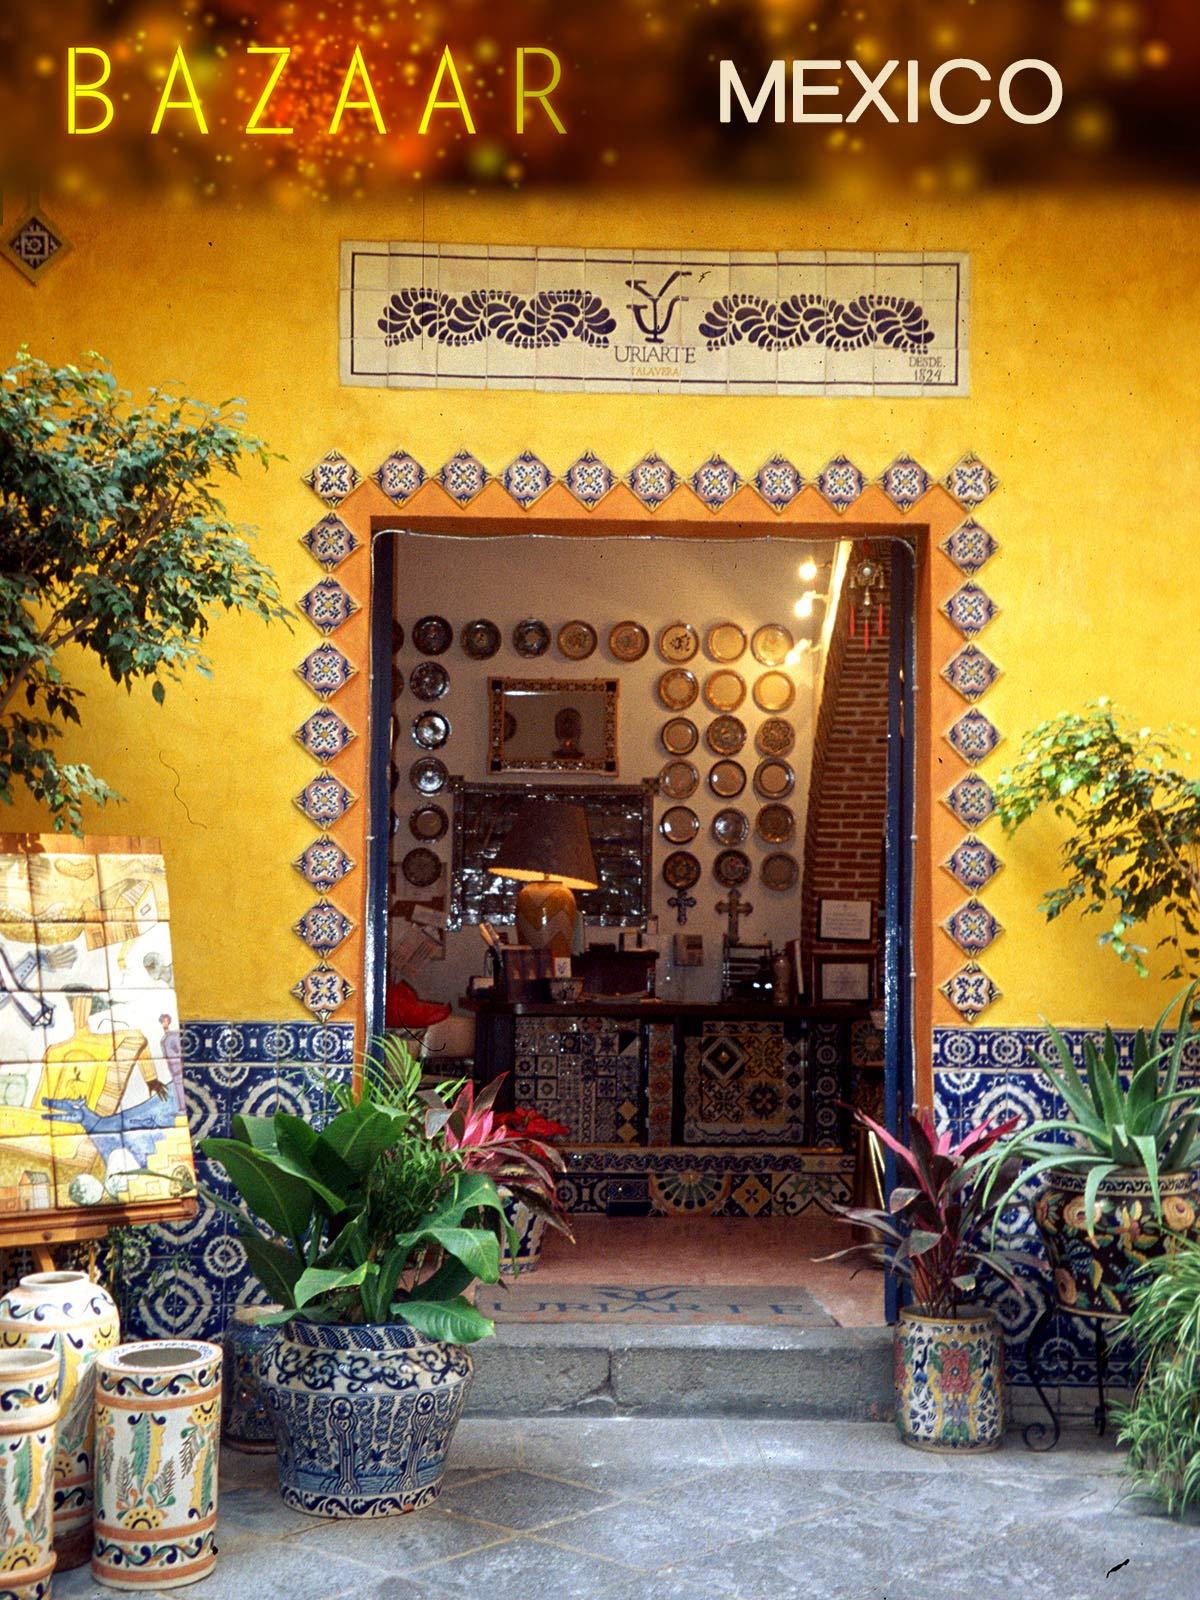 Bazaar - Mexico on Amazon Prime Video UK